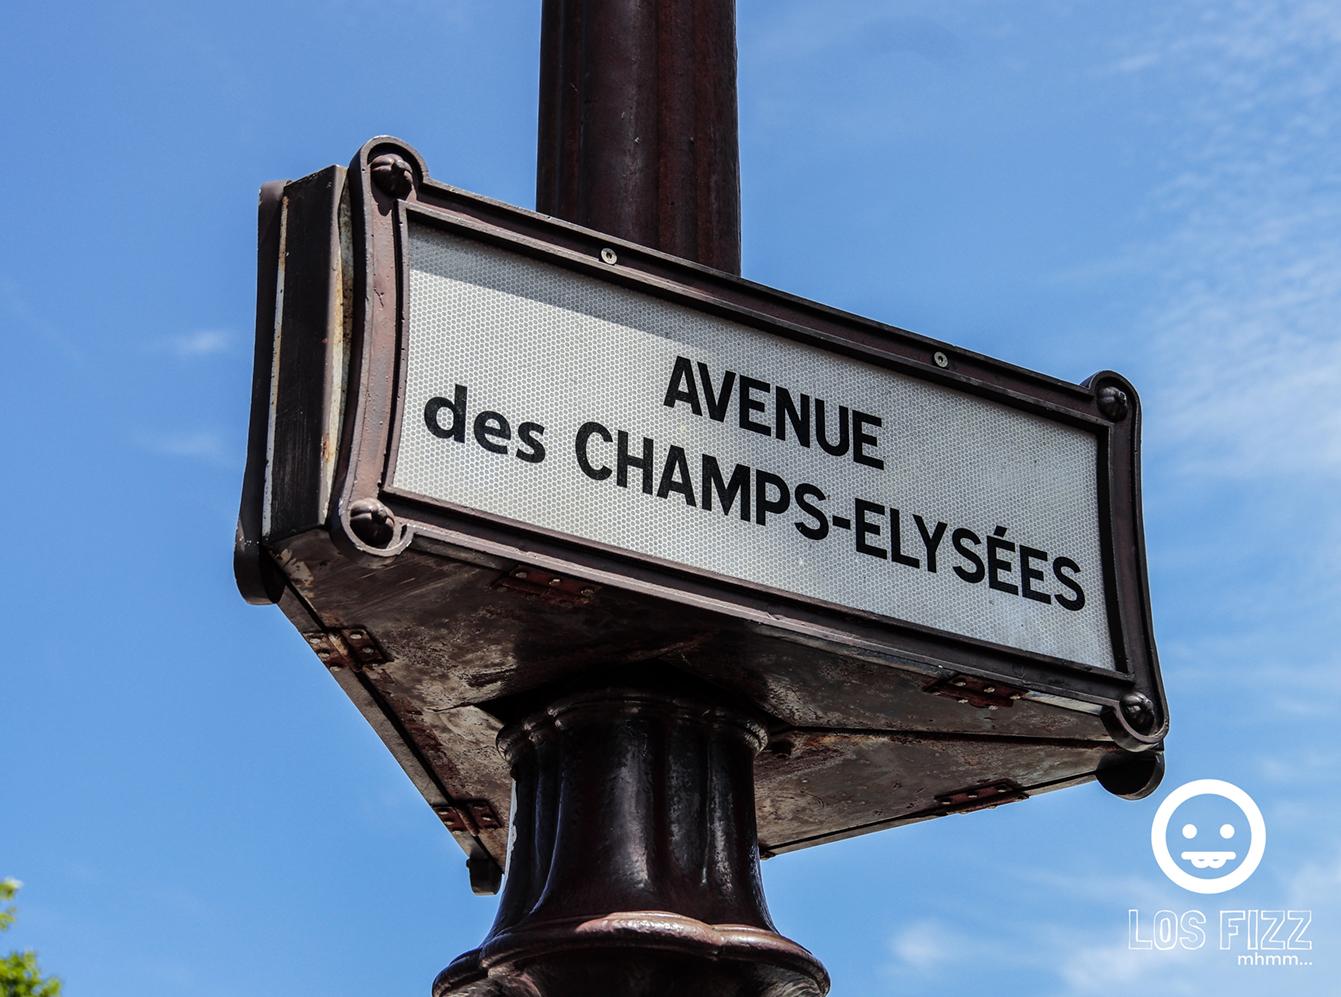 Avenue des champs-elysées in Paris, France Photo By LosFizz.